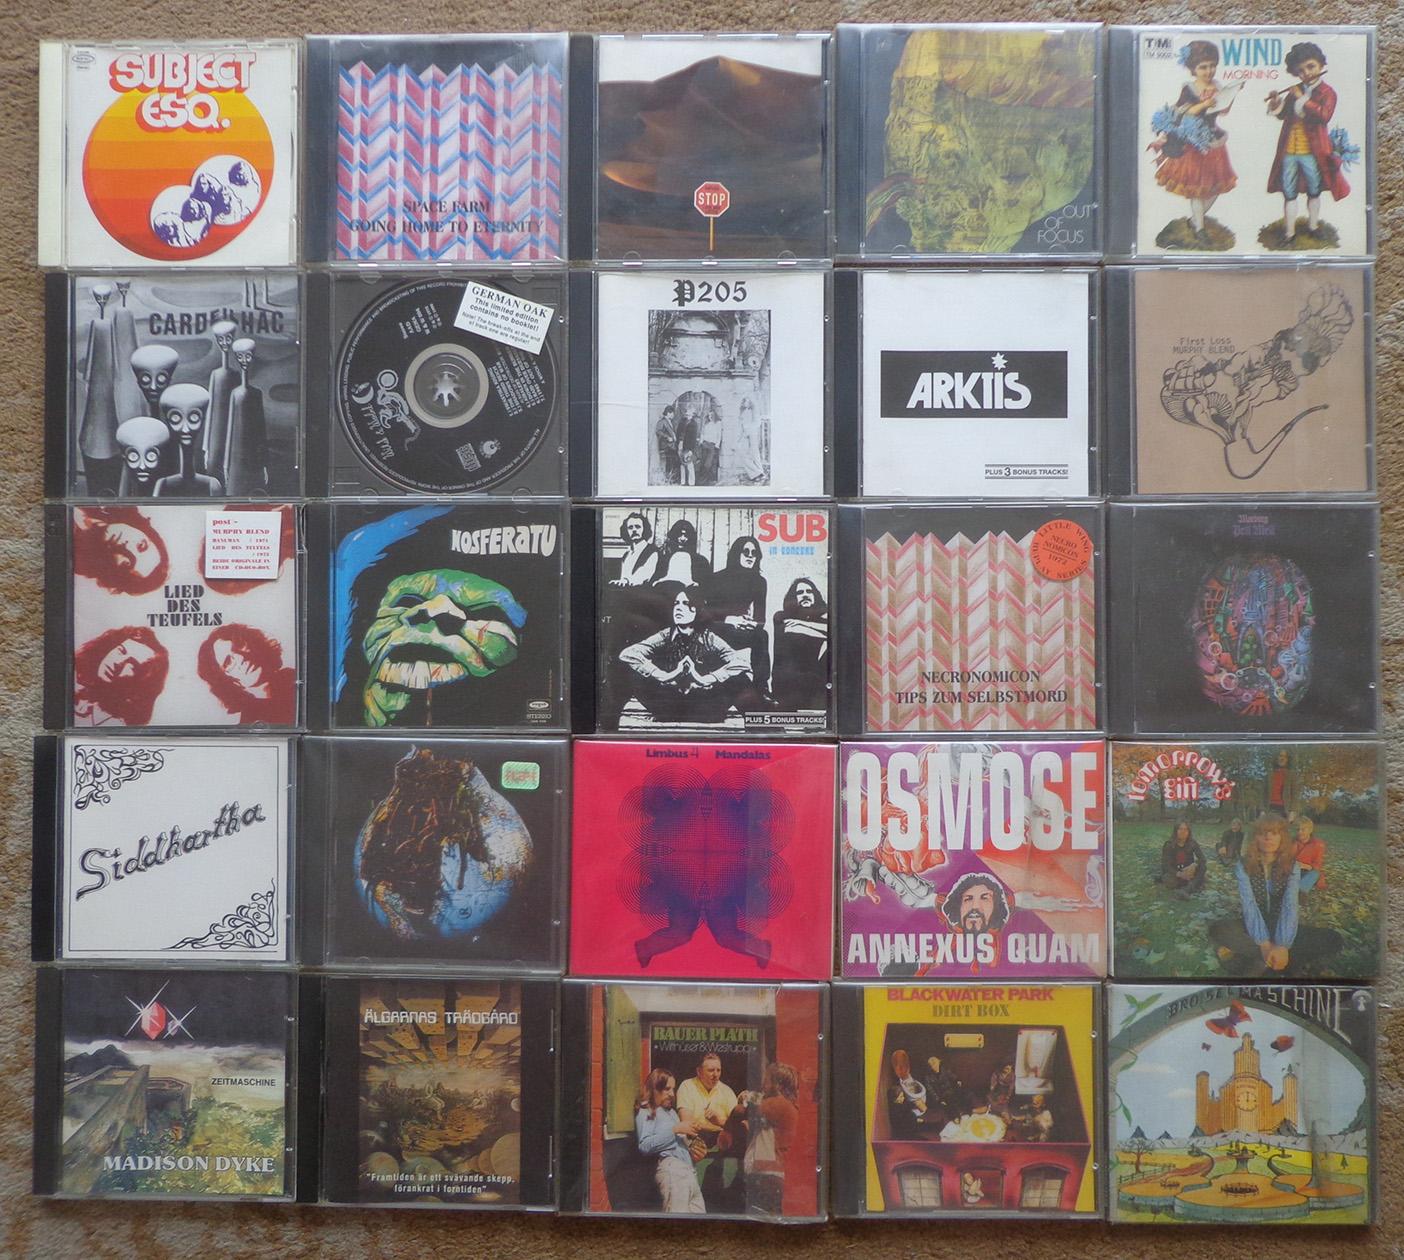 Alguns CDs de bandas alemãs.